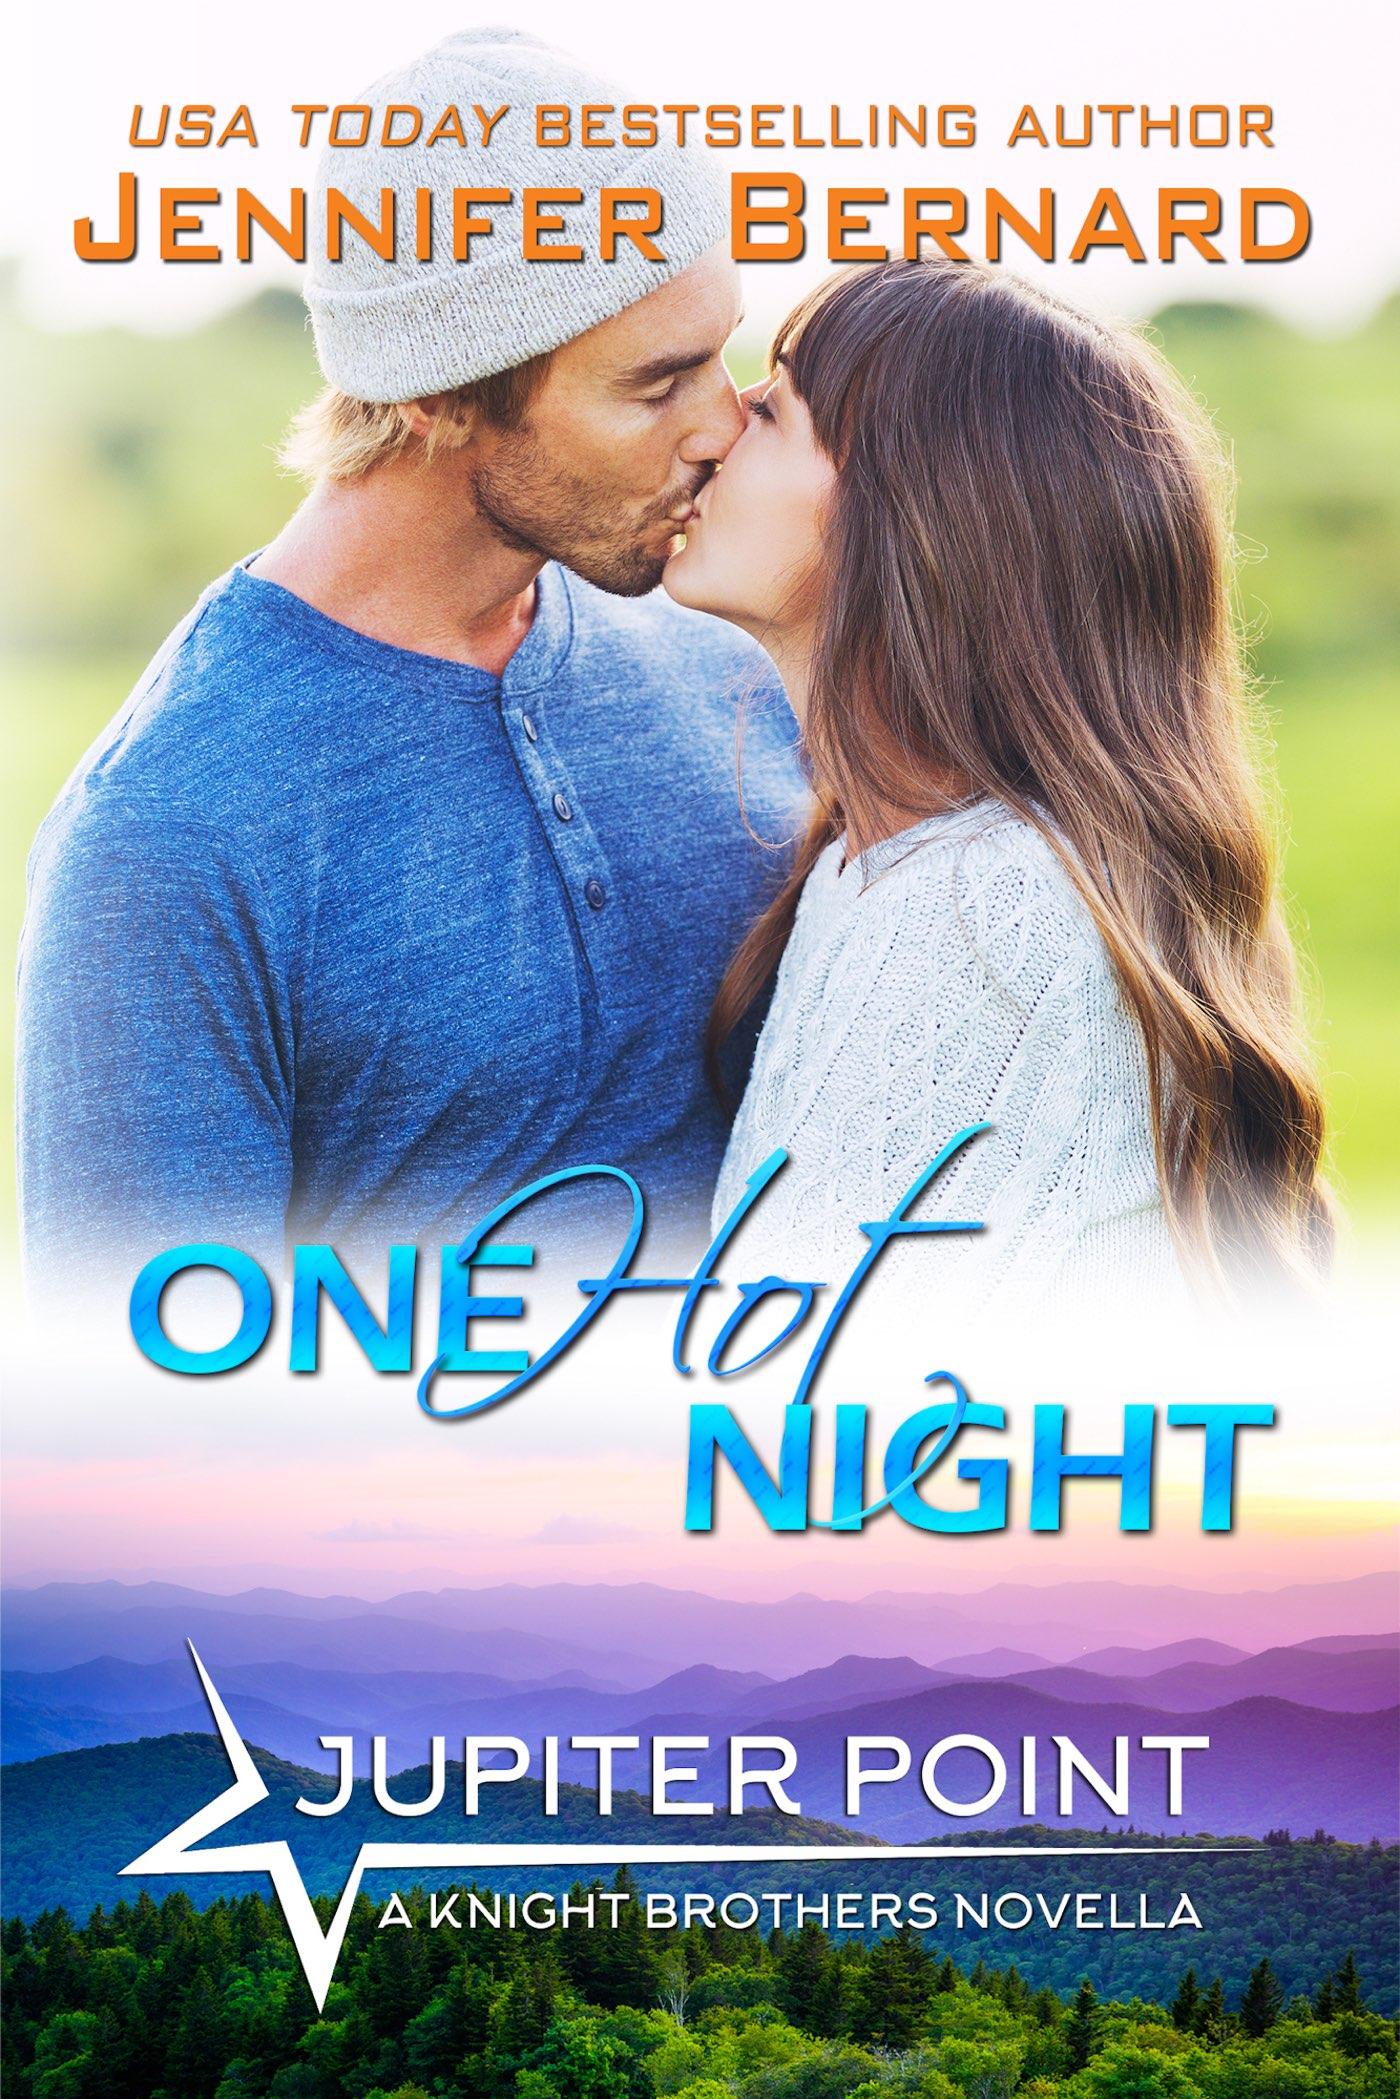 One-Hot-Night-Generic.jpg